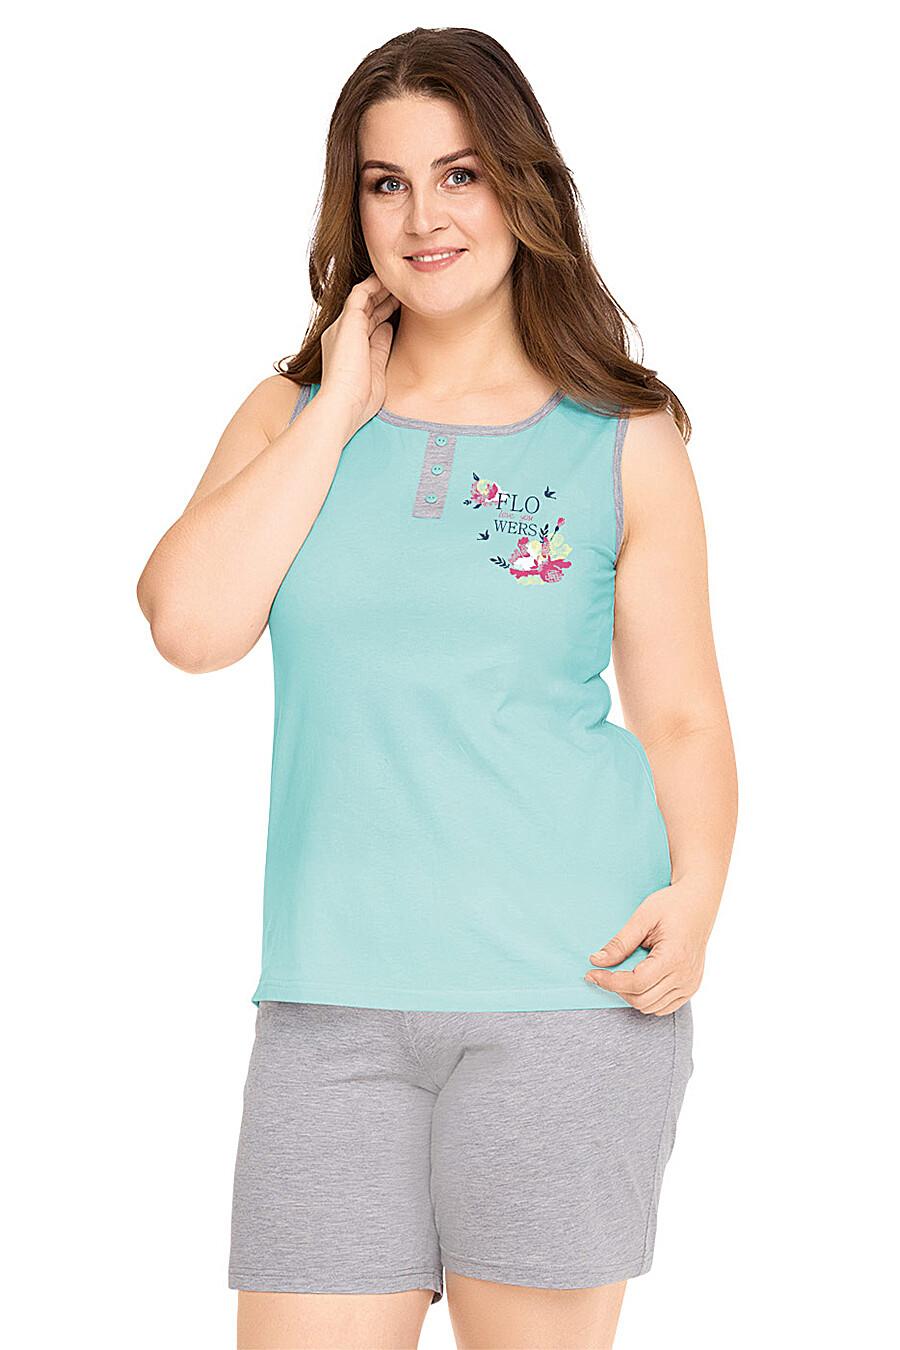 Комплект для женщин CLEVER 158044 купить оптом от производителя. Совместная покупка женской одежды в OptMoyo